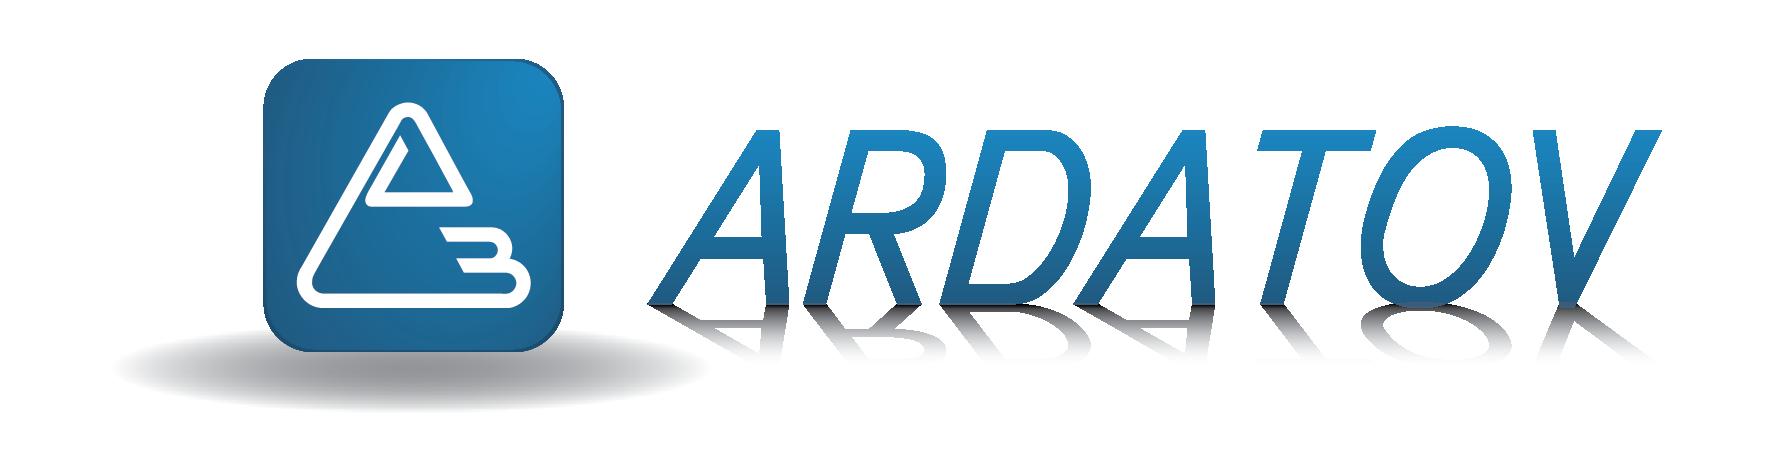 Ardatovskiy aydınlatma mühendisliği tesisi